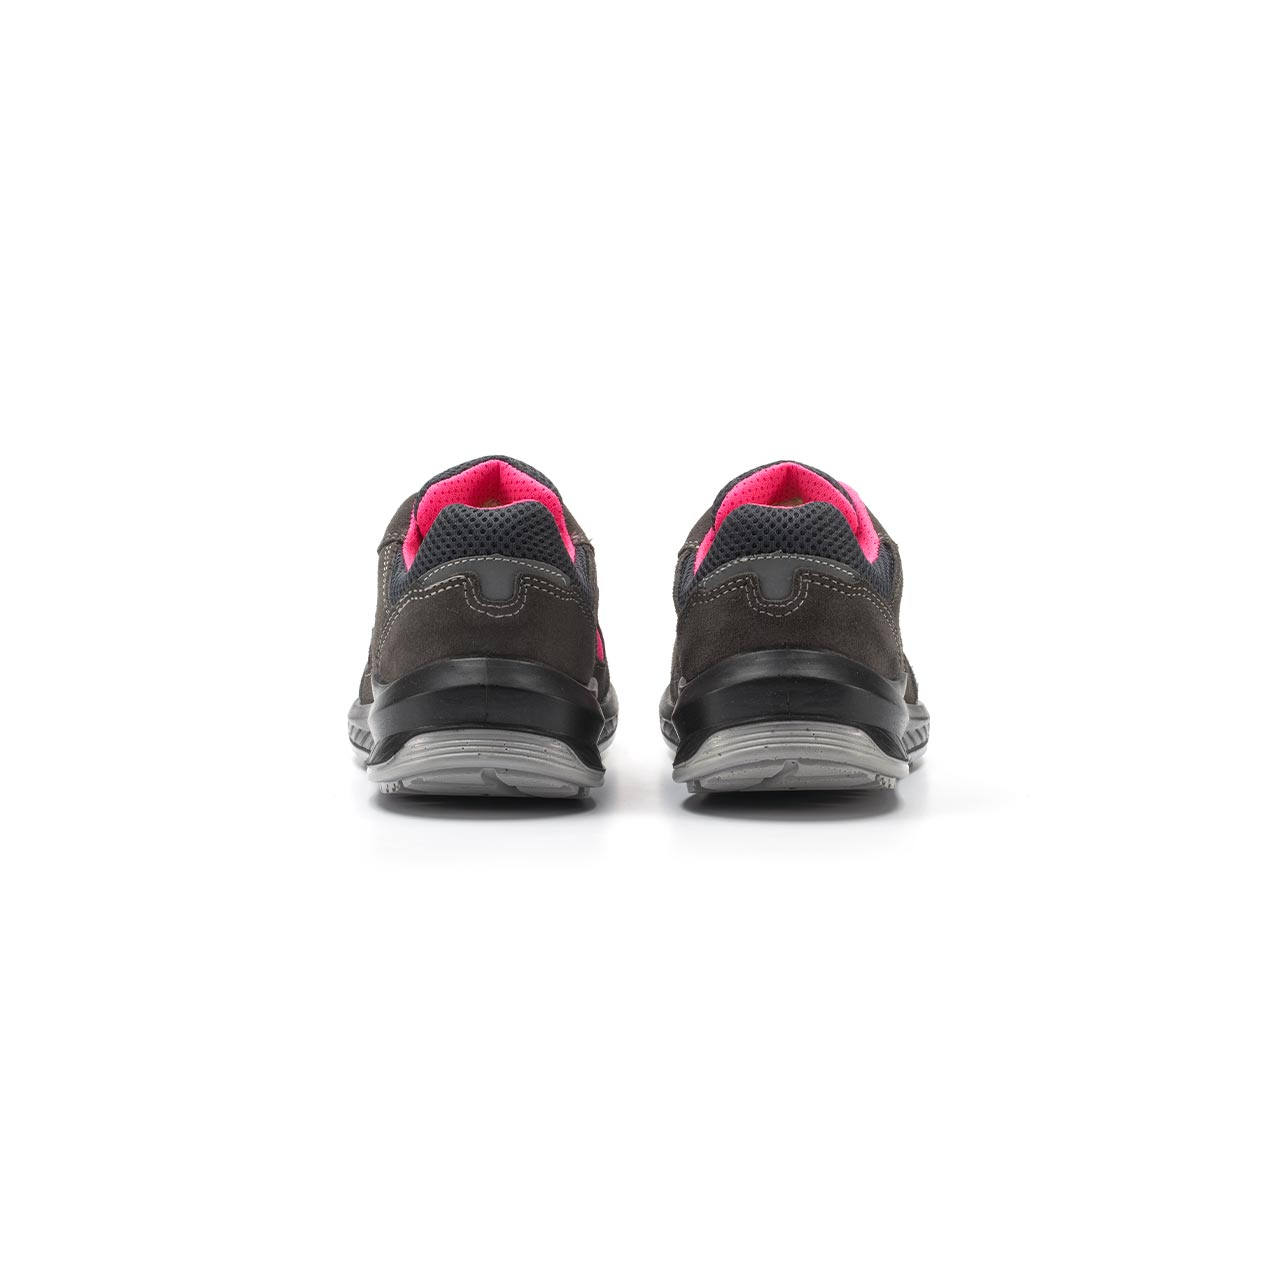 paio di scarpe antinfortunistiche upower modello tokio linea redindustry vista retro